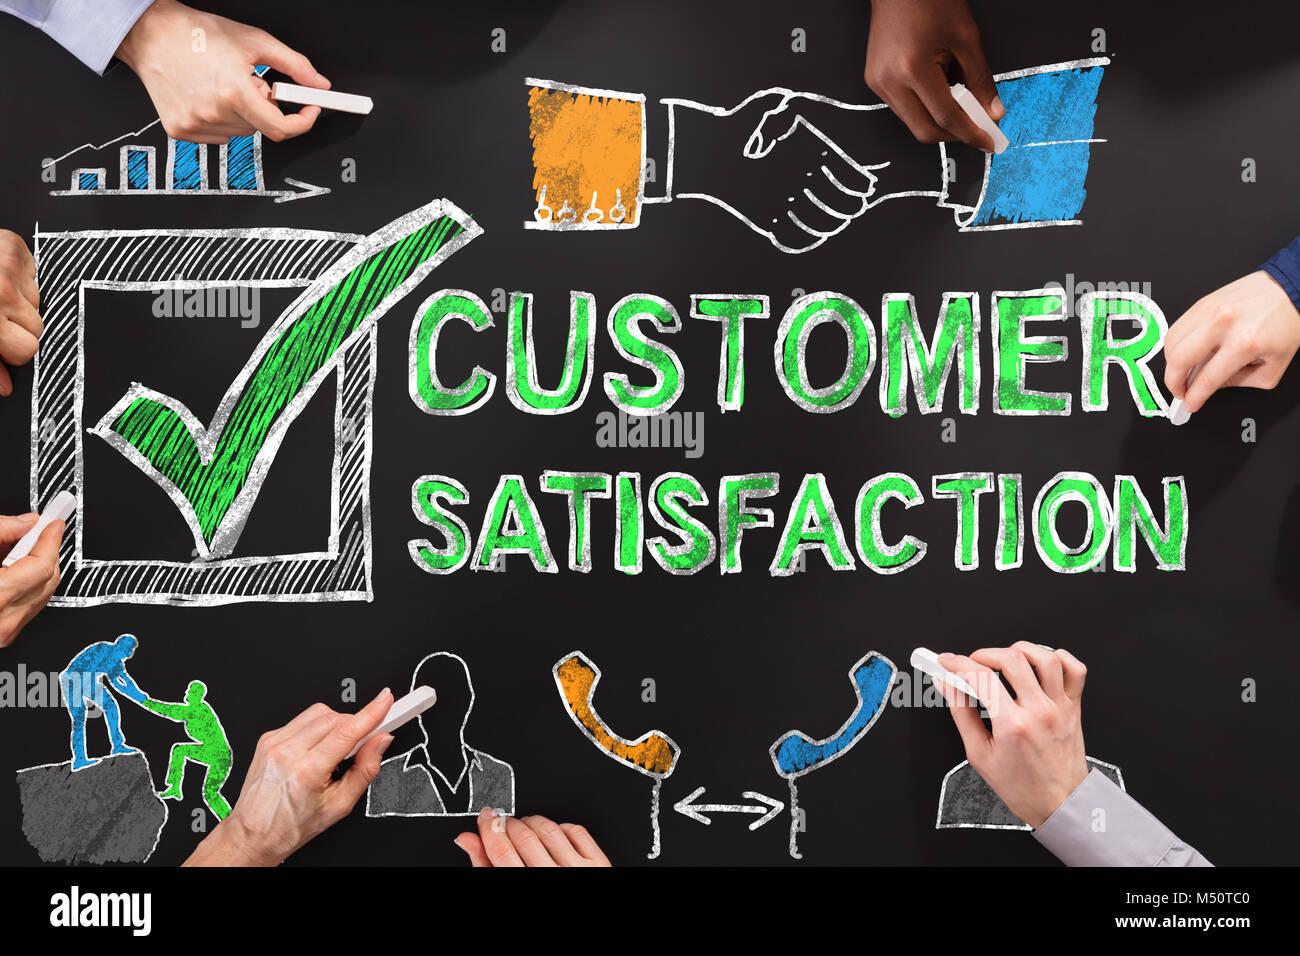 Menschen zeichnen Umfrage zur Kundenzufriedenheit Konzept auf der Tafel Stockbild